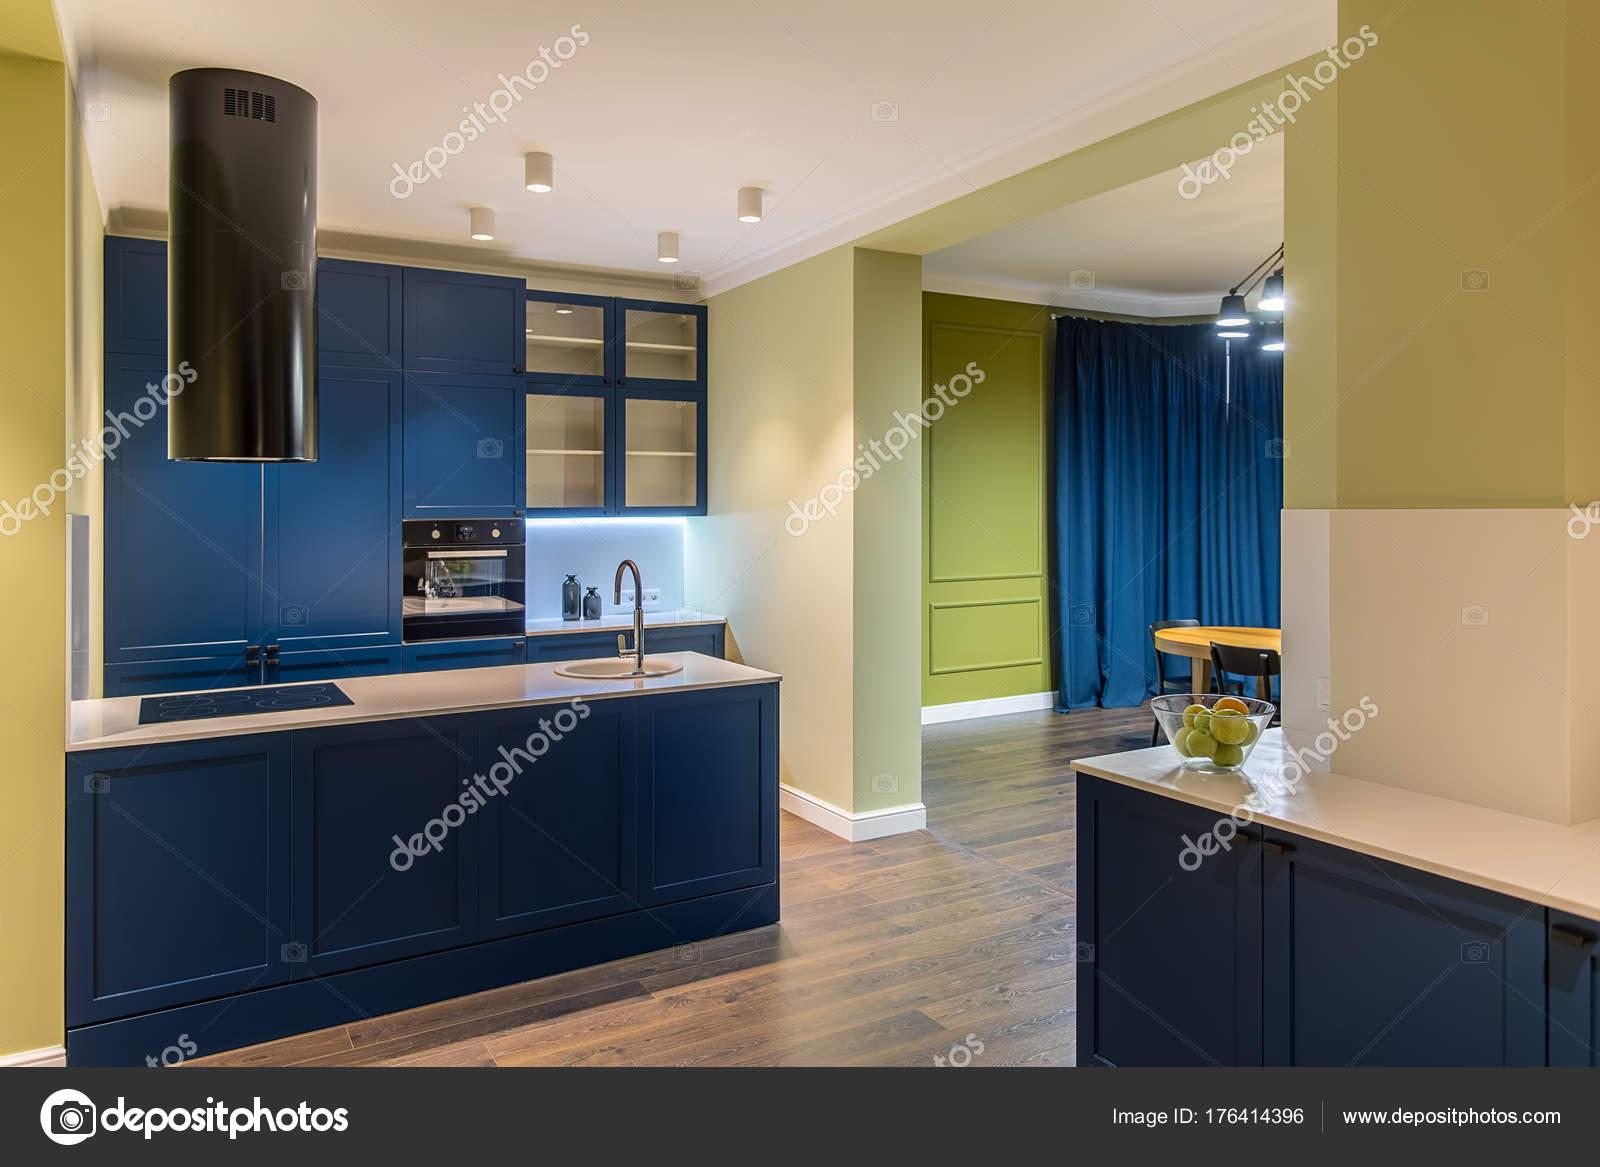 cucina in stile moderno — Foto Stock © bezikus #176414396